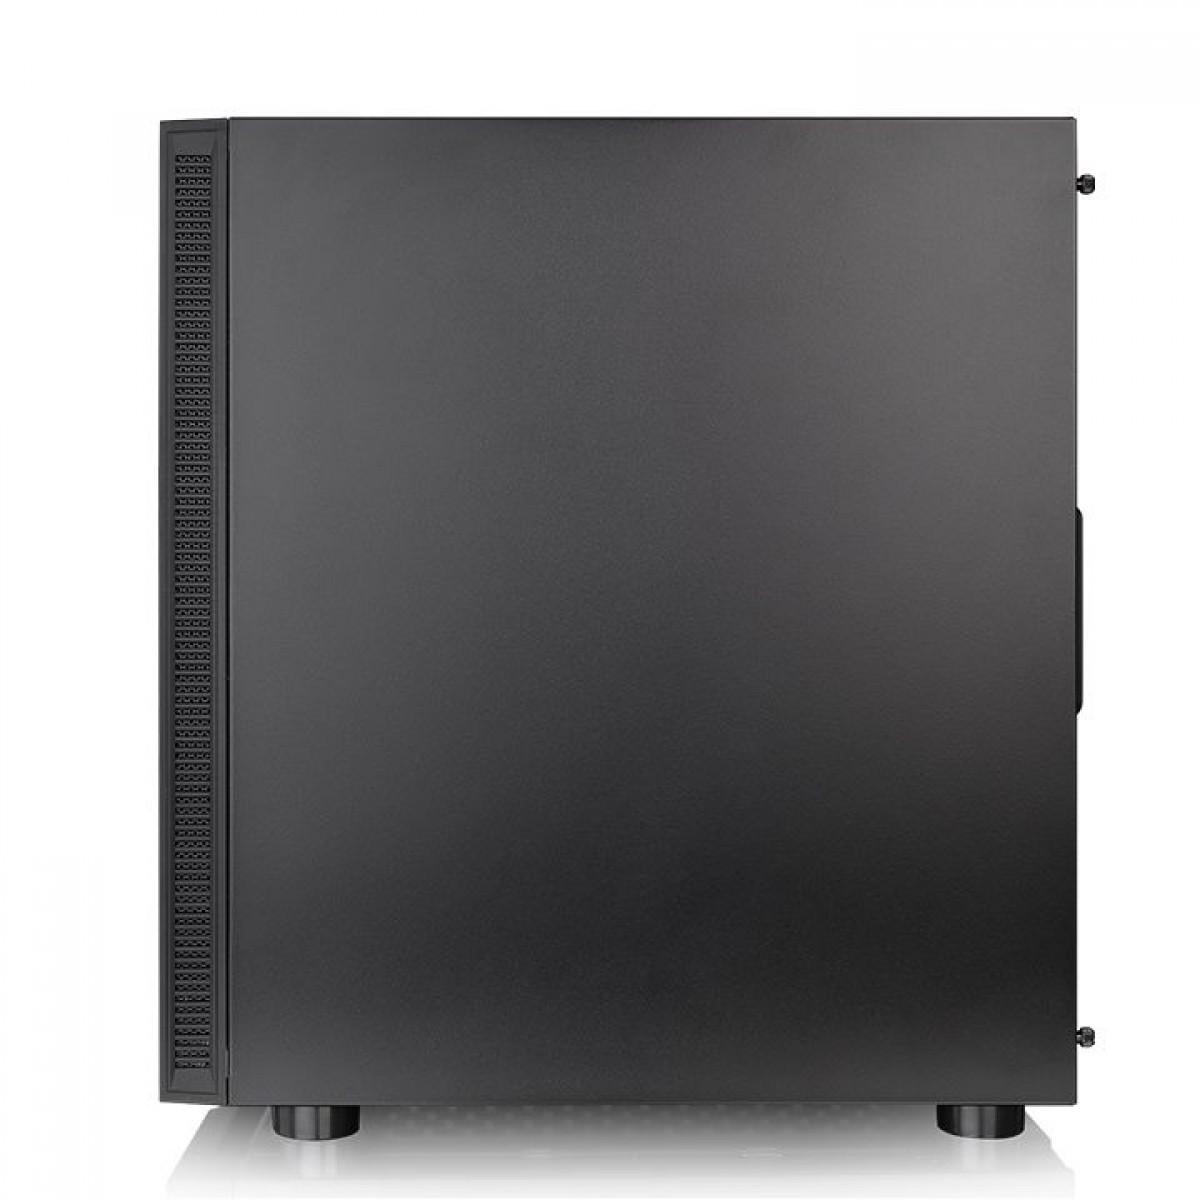 Gabinete Gamer Thermaltake H200 TG RGB, Mid Tower, Vidro Temperado, Black, Sem Fonte, CA-1M3-00M1WN-00